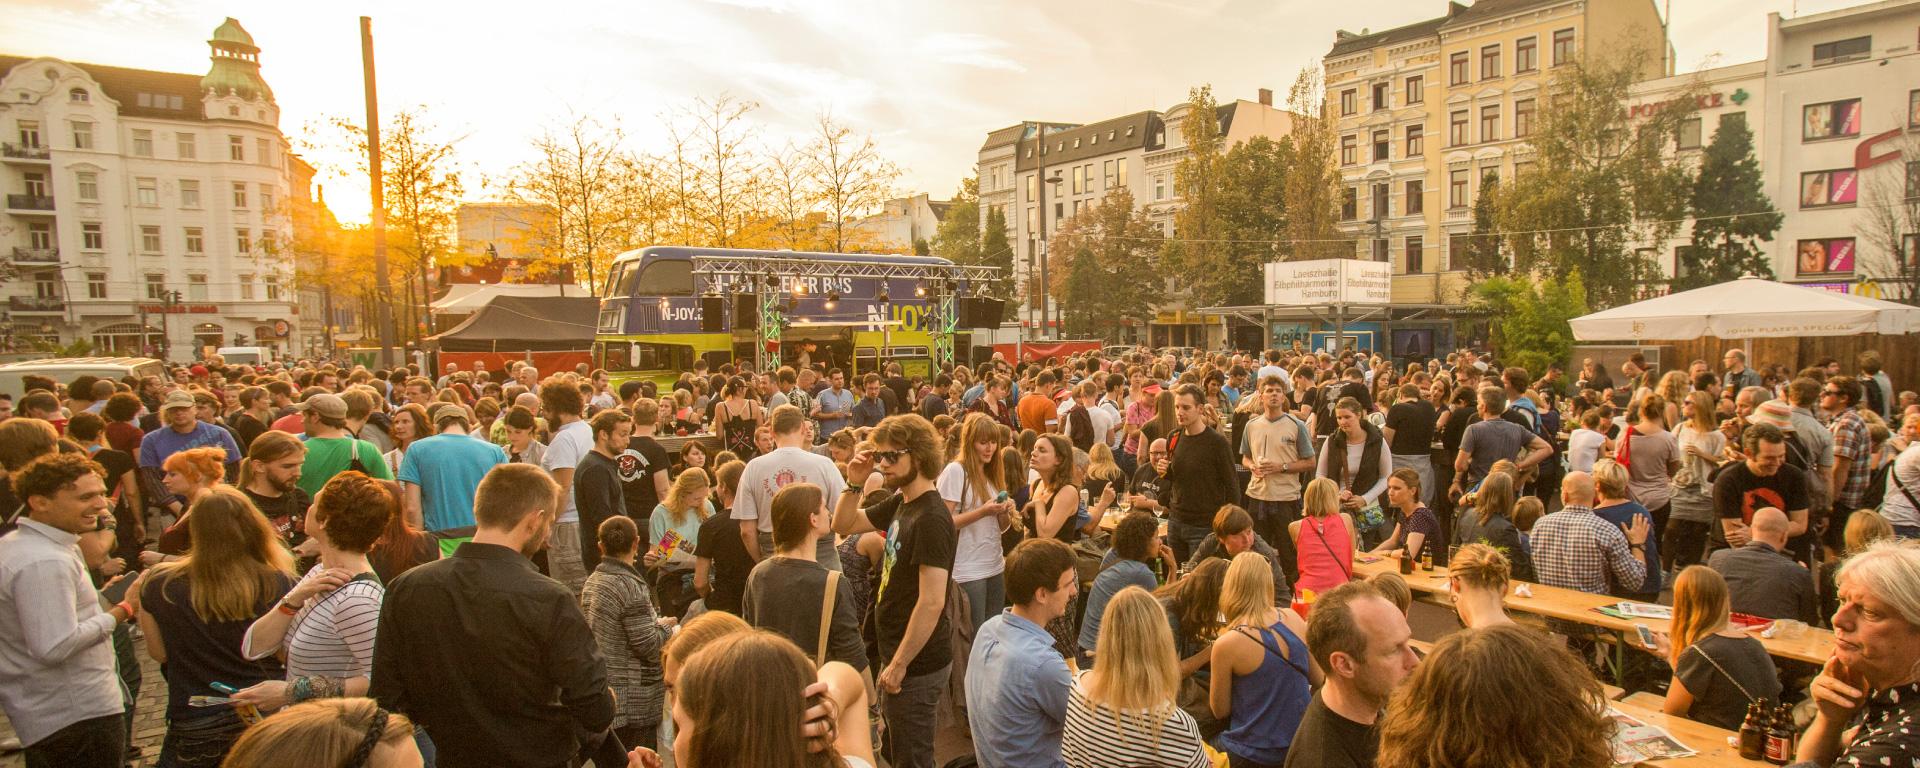 Reeperbahn Festival in 2020